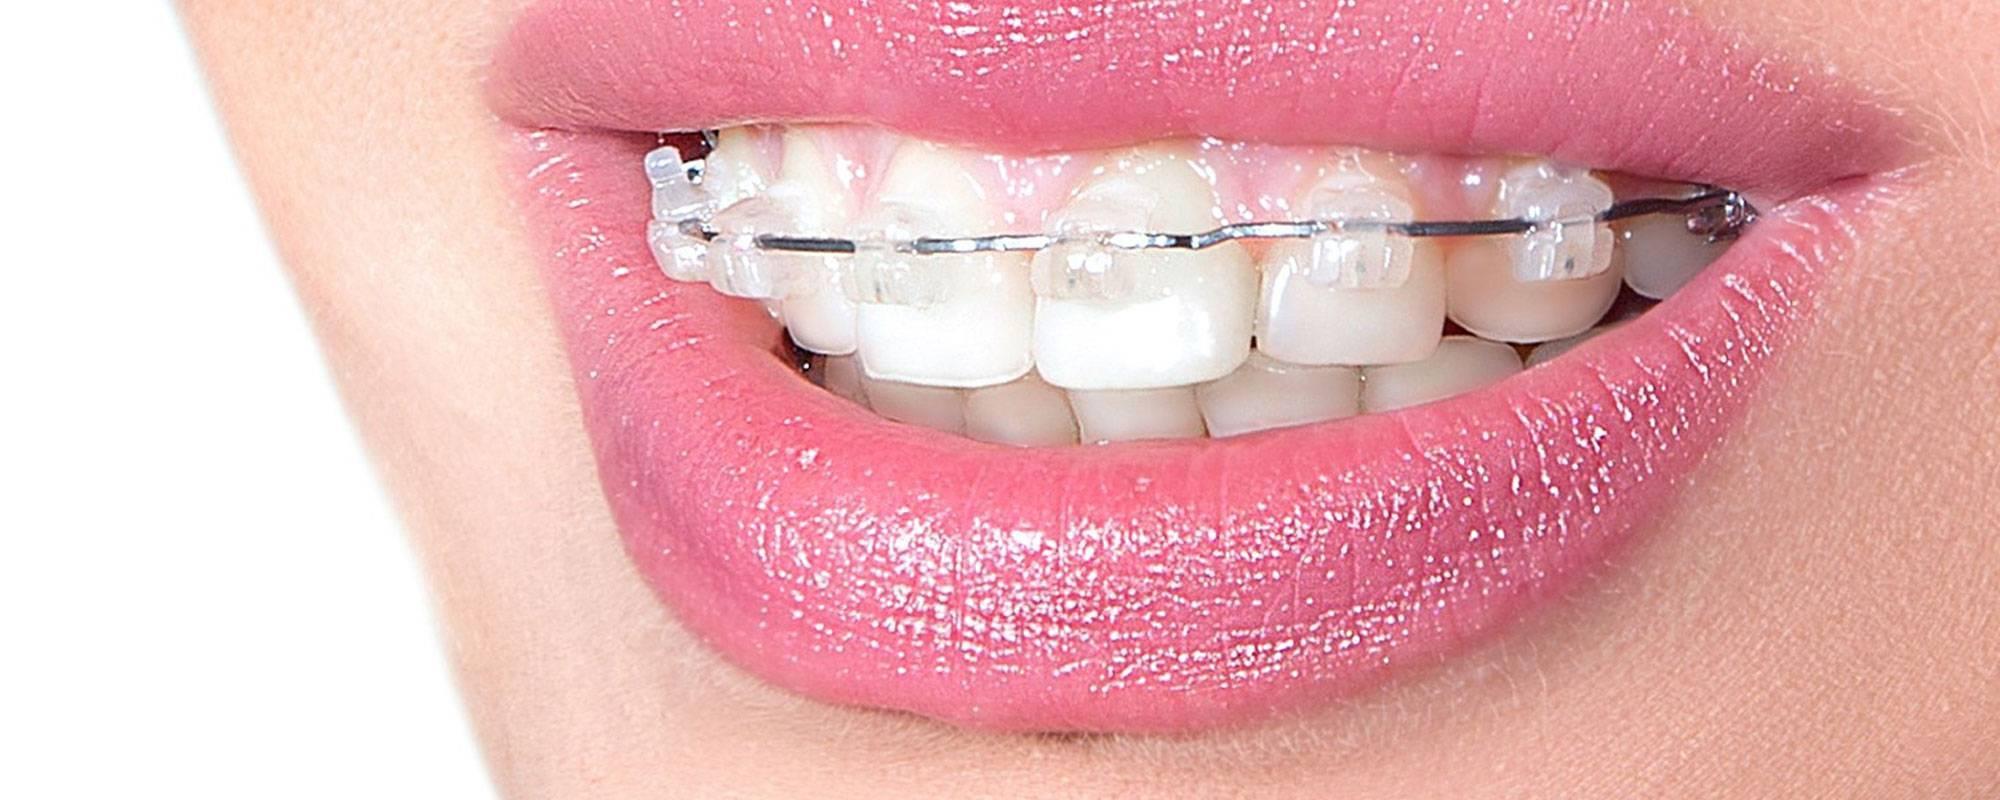 Лингвальные брекеты – цены на установку лингвальной брекет системы в москве   сеть стоматологических клиник «президент»